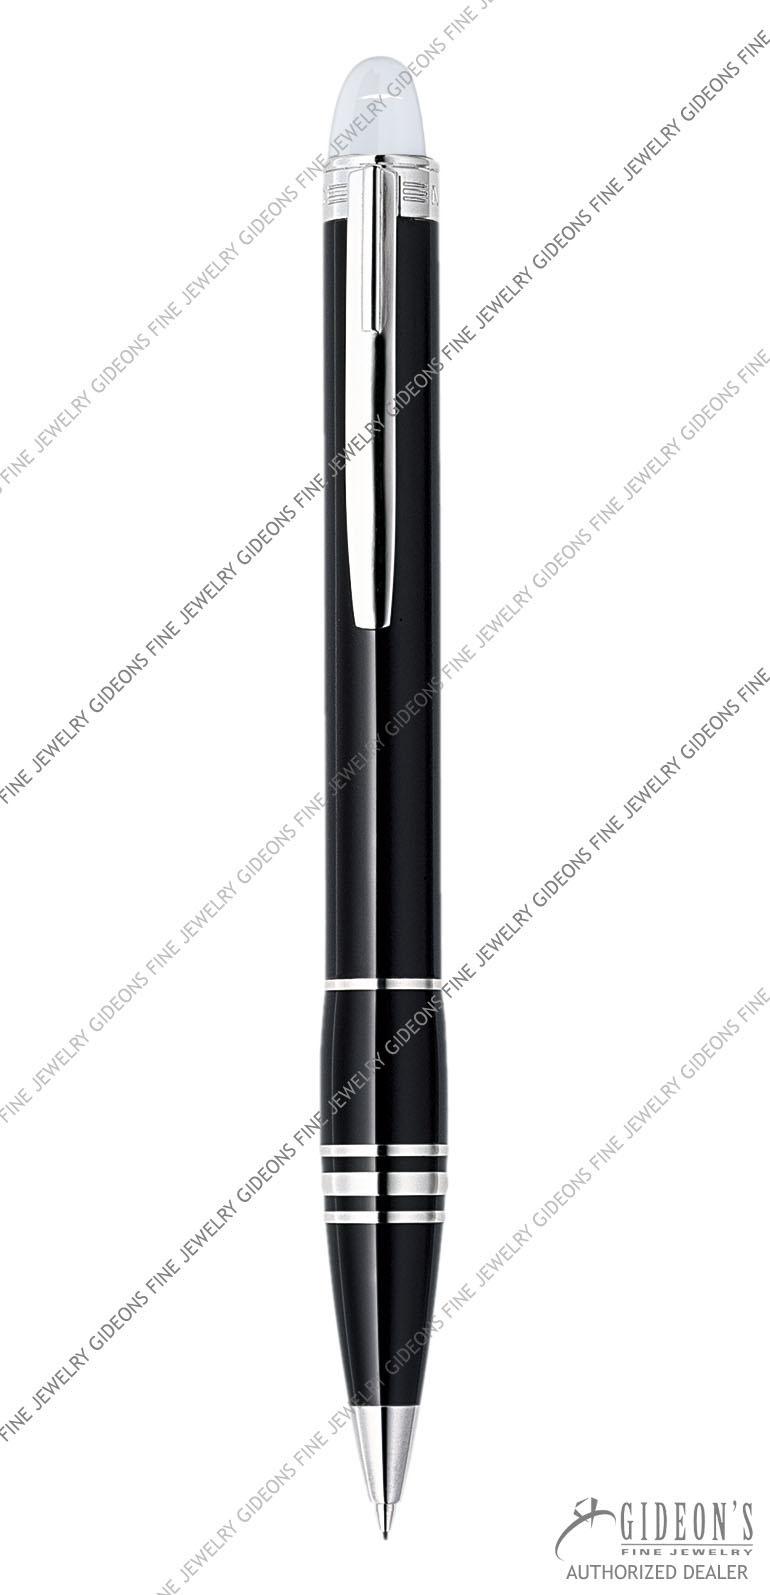 Montblanc Starwalker M25601 (08484) Mechanical Pencil